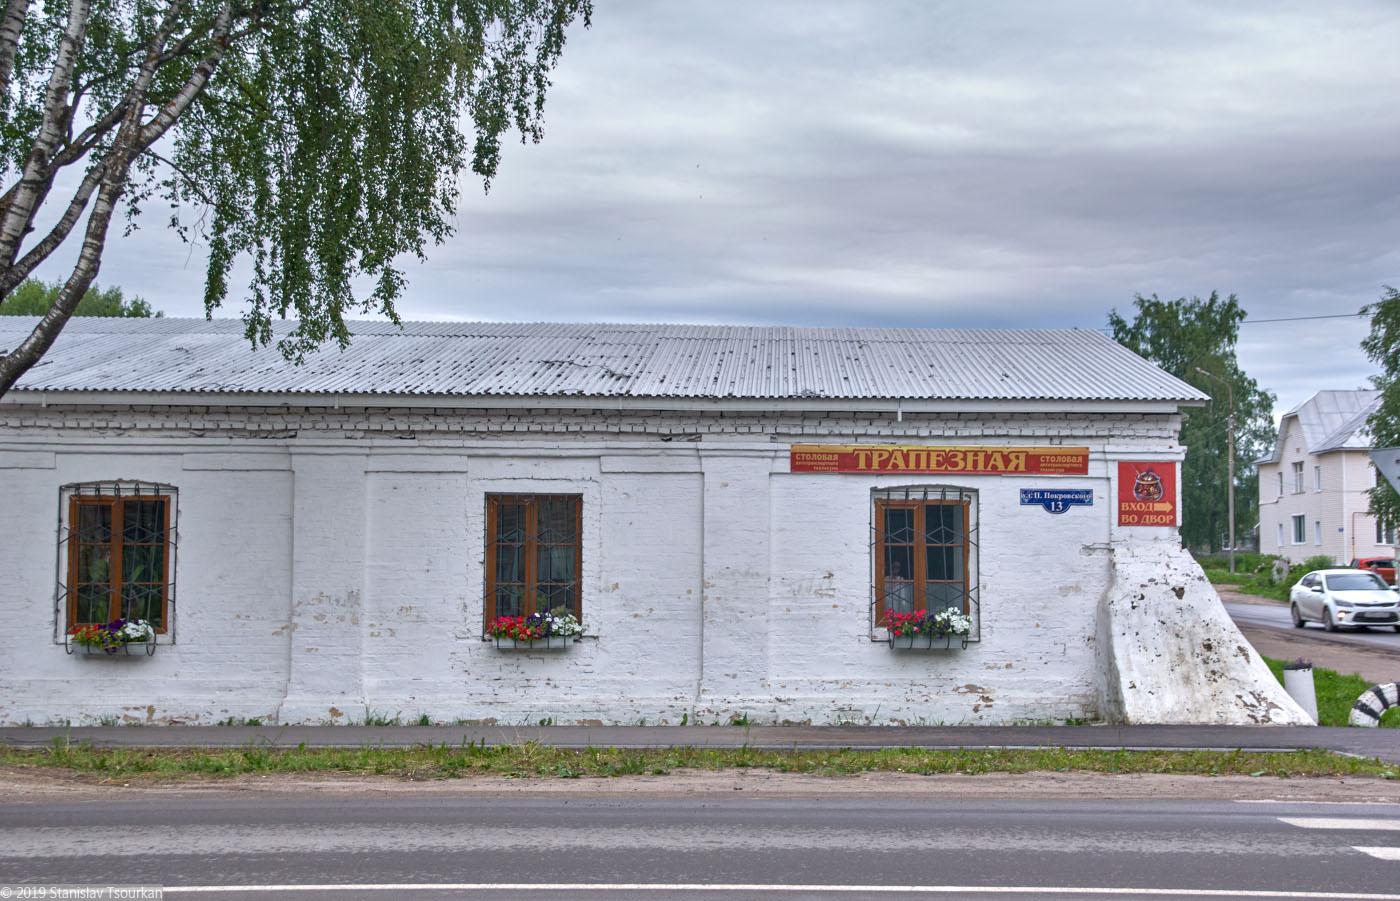 Вологодская область, Вологодчина, Великий устюг, Русский север, трапезная, столовая